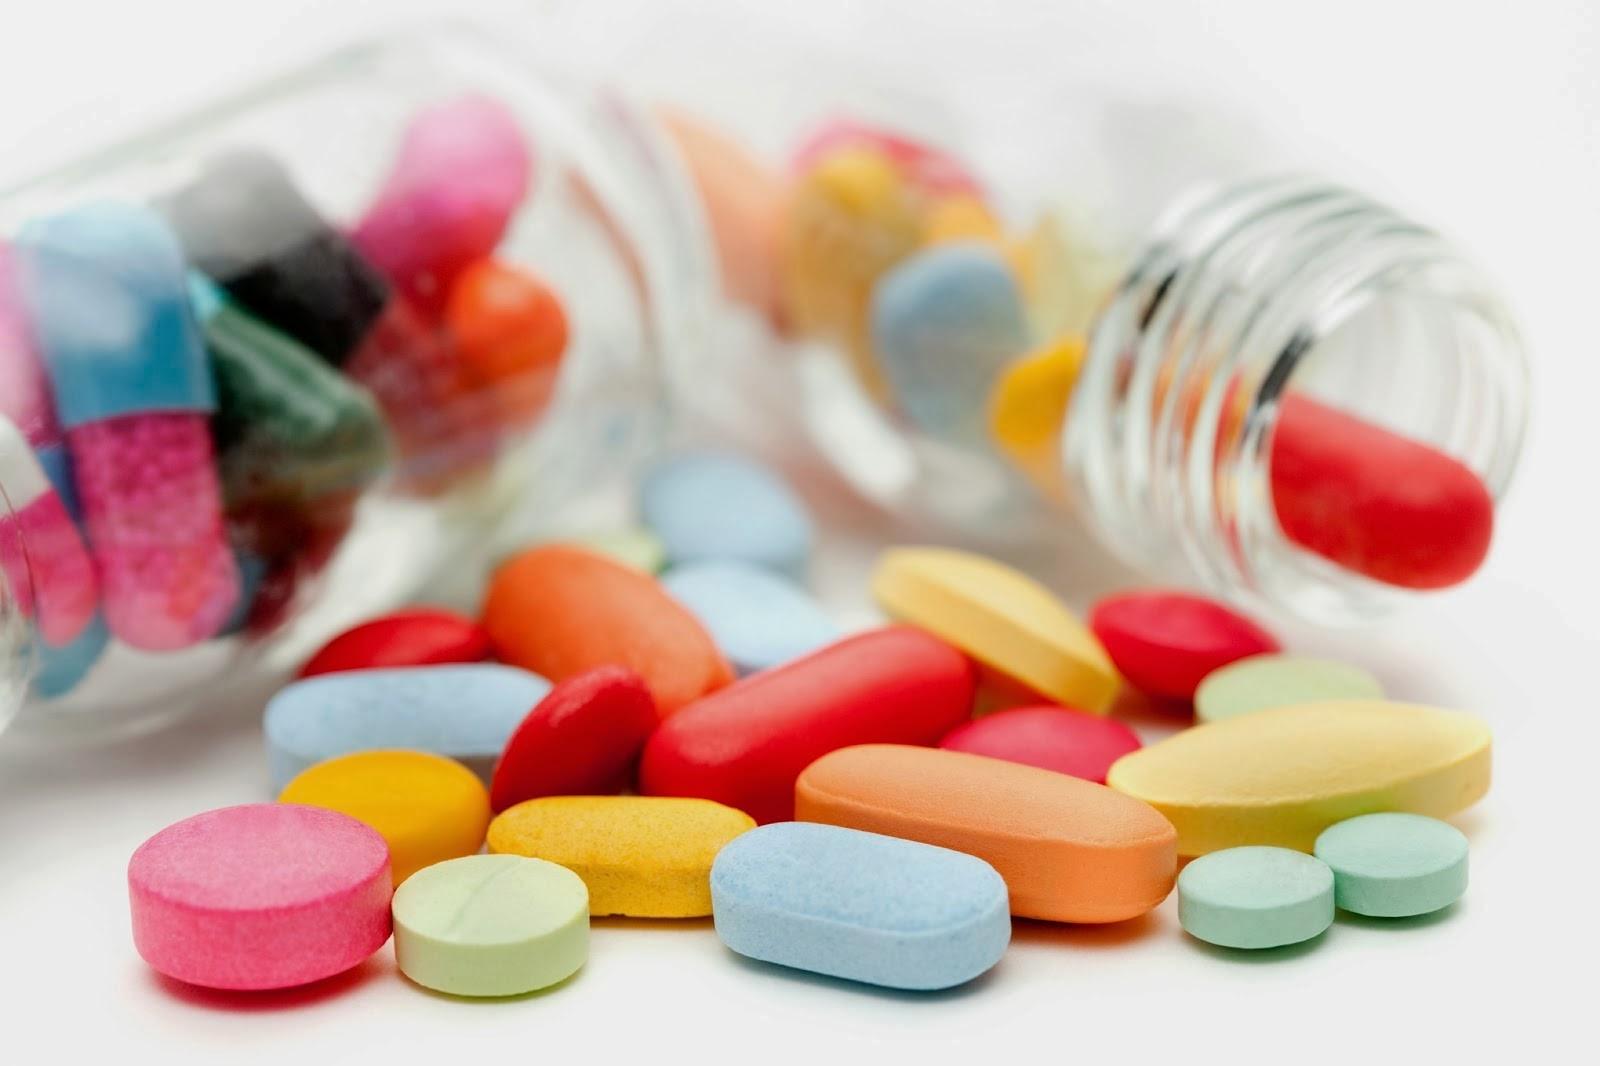 Bệnh nhân cần tuân thủ điều trị theo hướng dẫn của bác sĩ